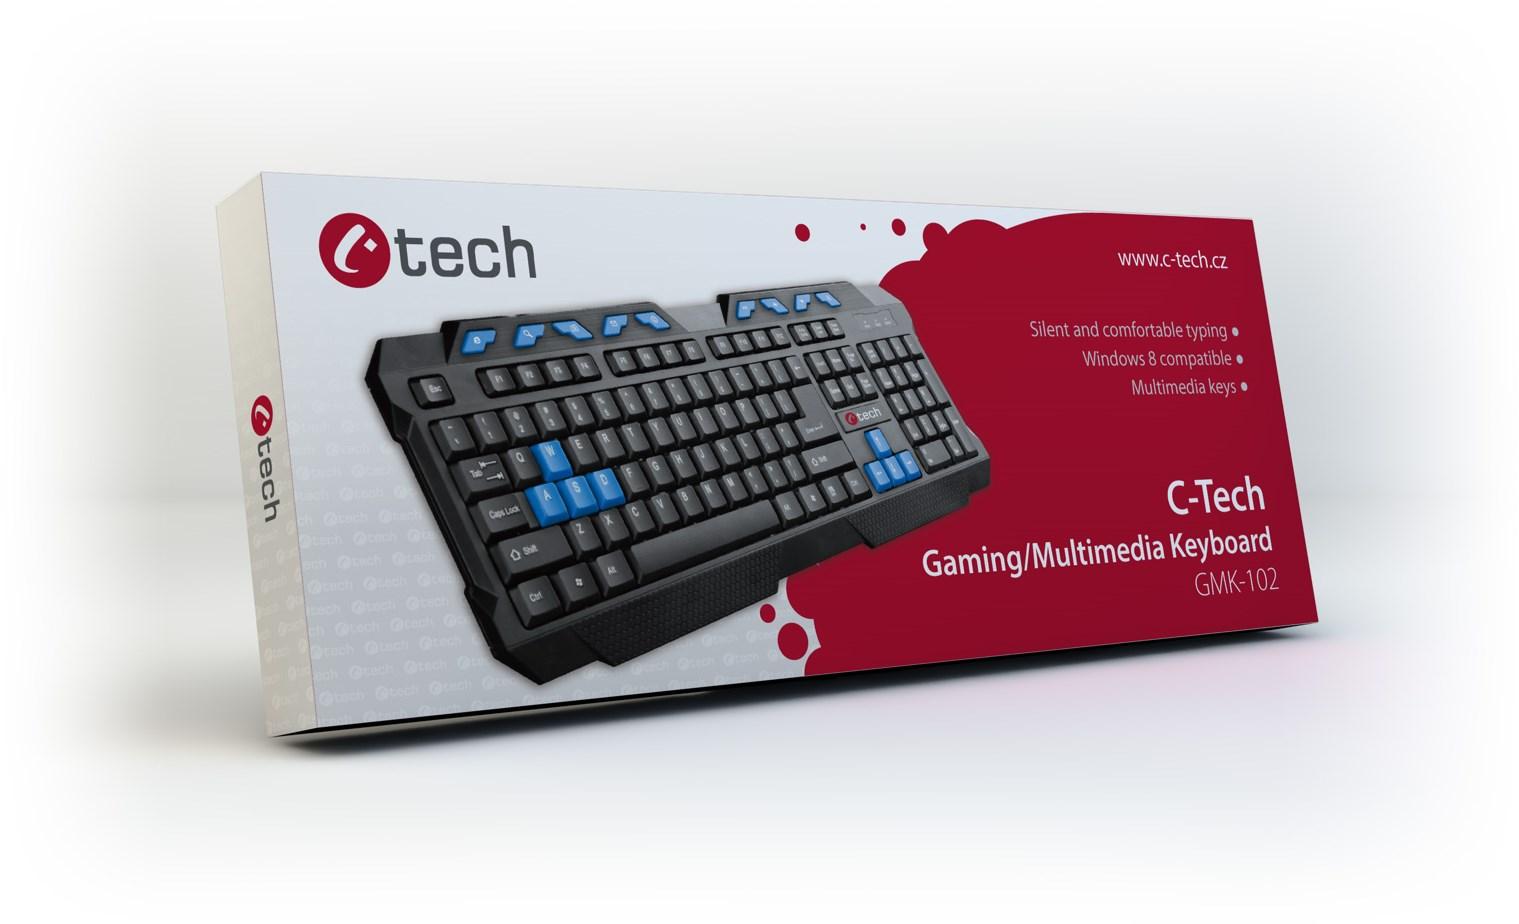 C-Tech GMK-102